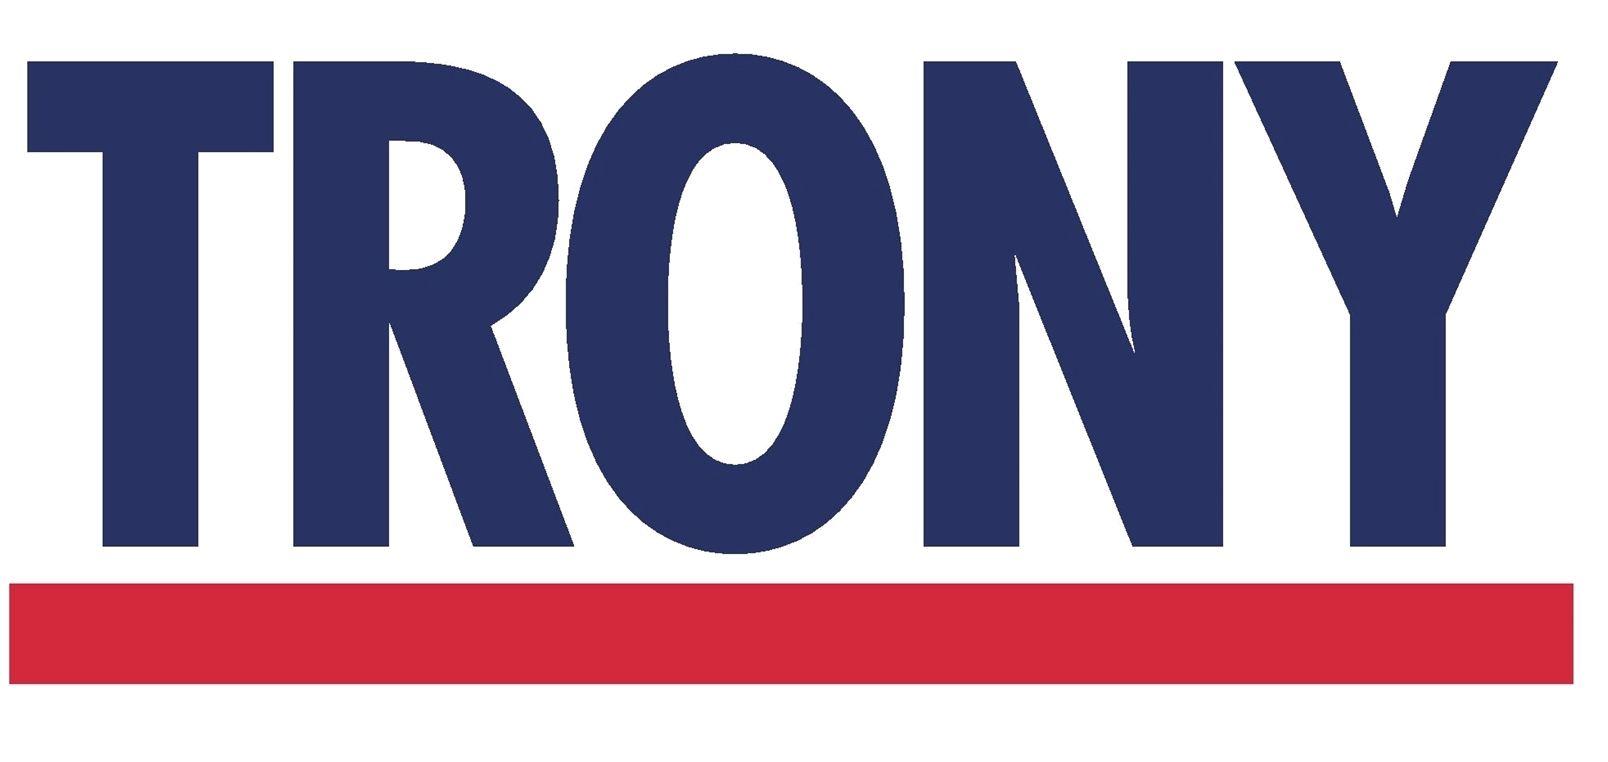 Trony, una catena italiana di negozi specializzati nella vendita di elettrodomestici, prodotti di elettronica di consumo, di informatica e telefoni - MeteoWeek.com